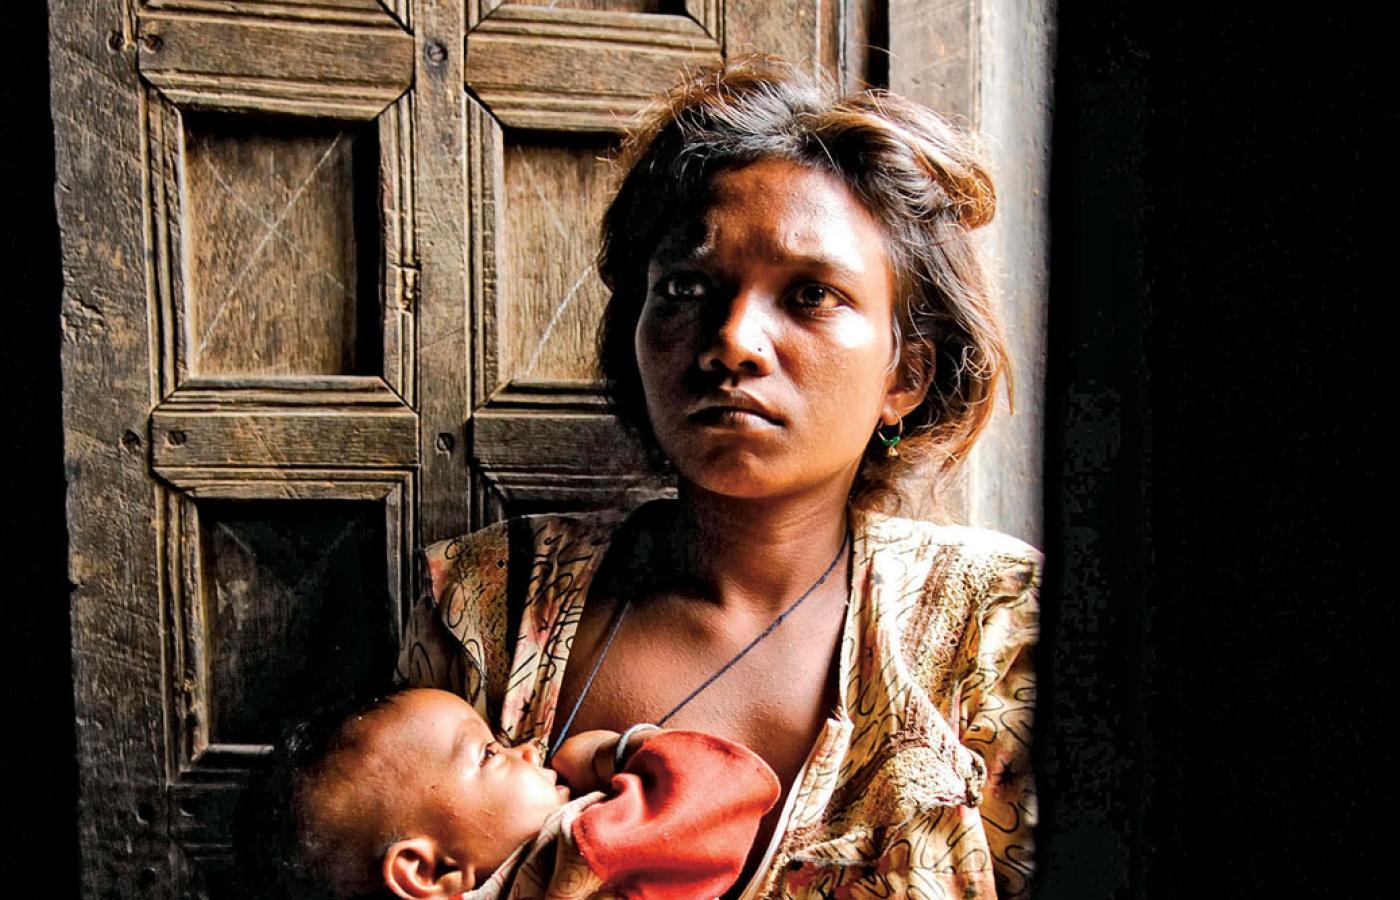 Randki kobiet w Indiach